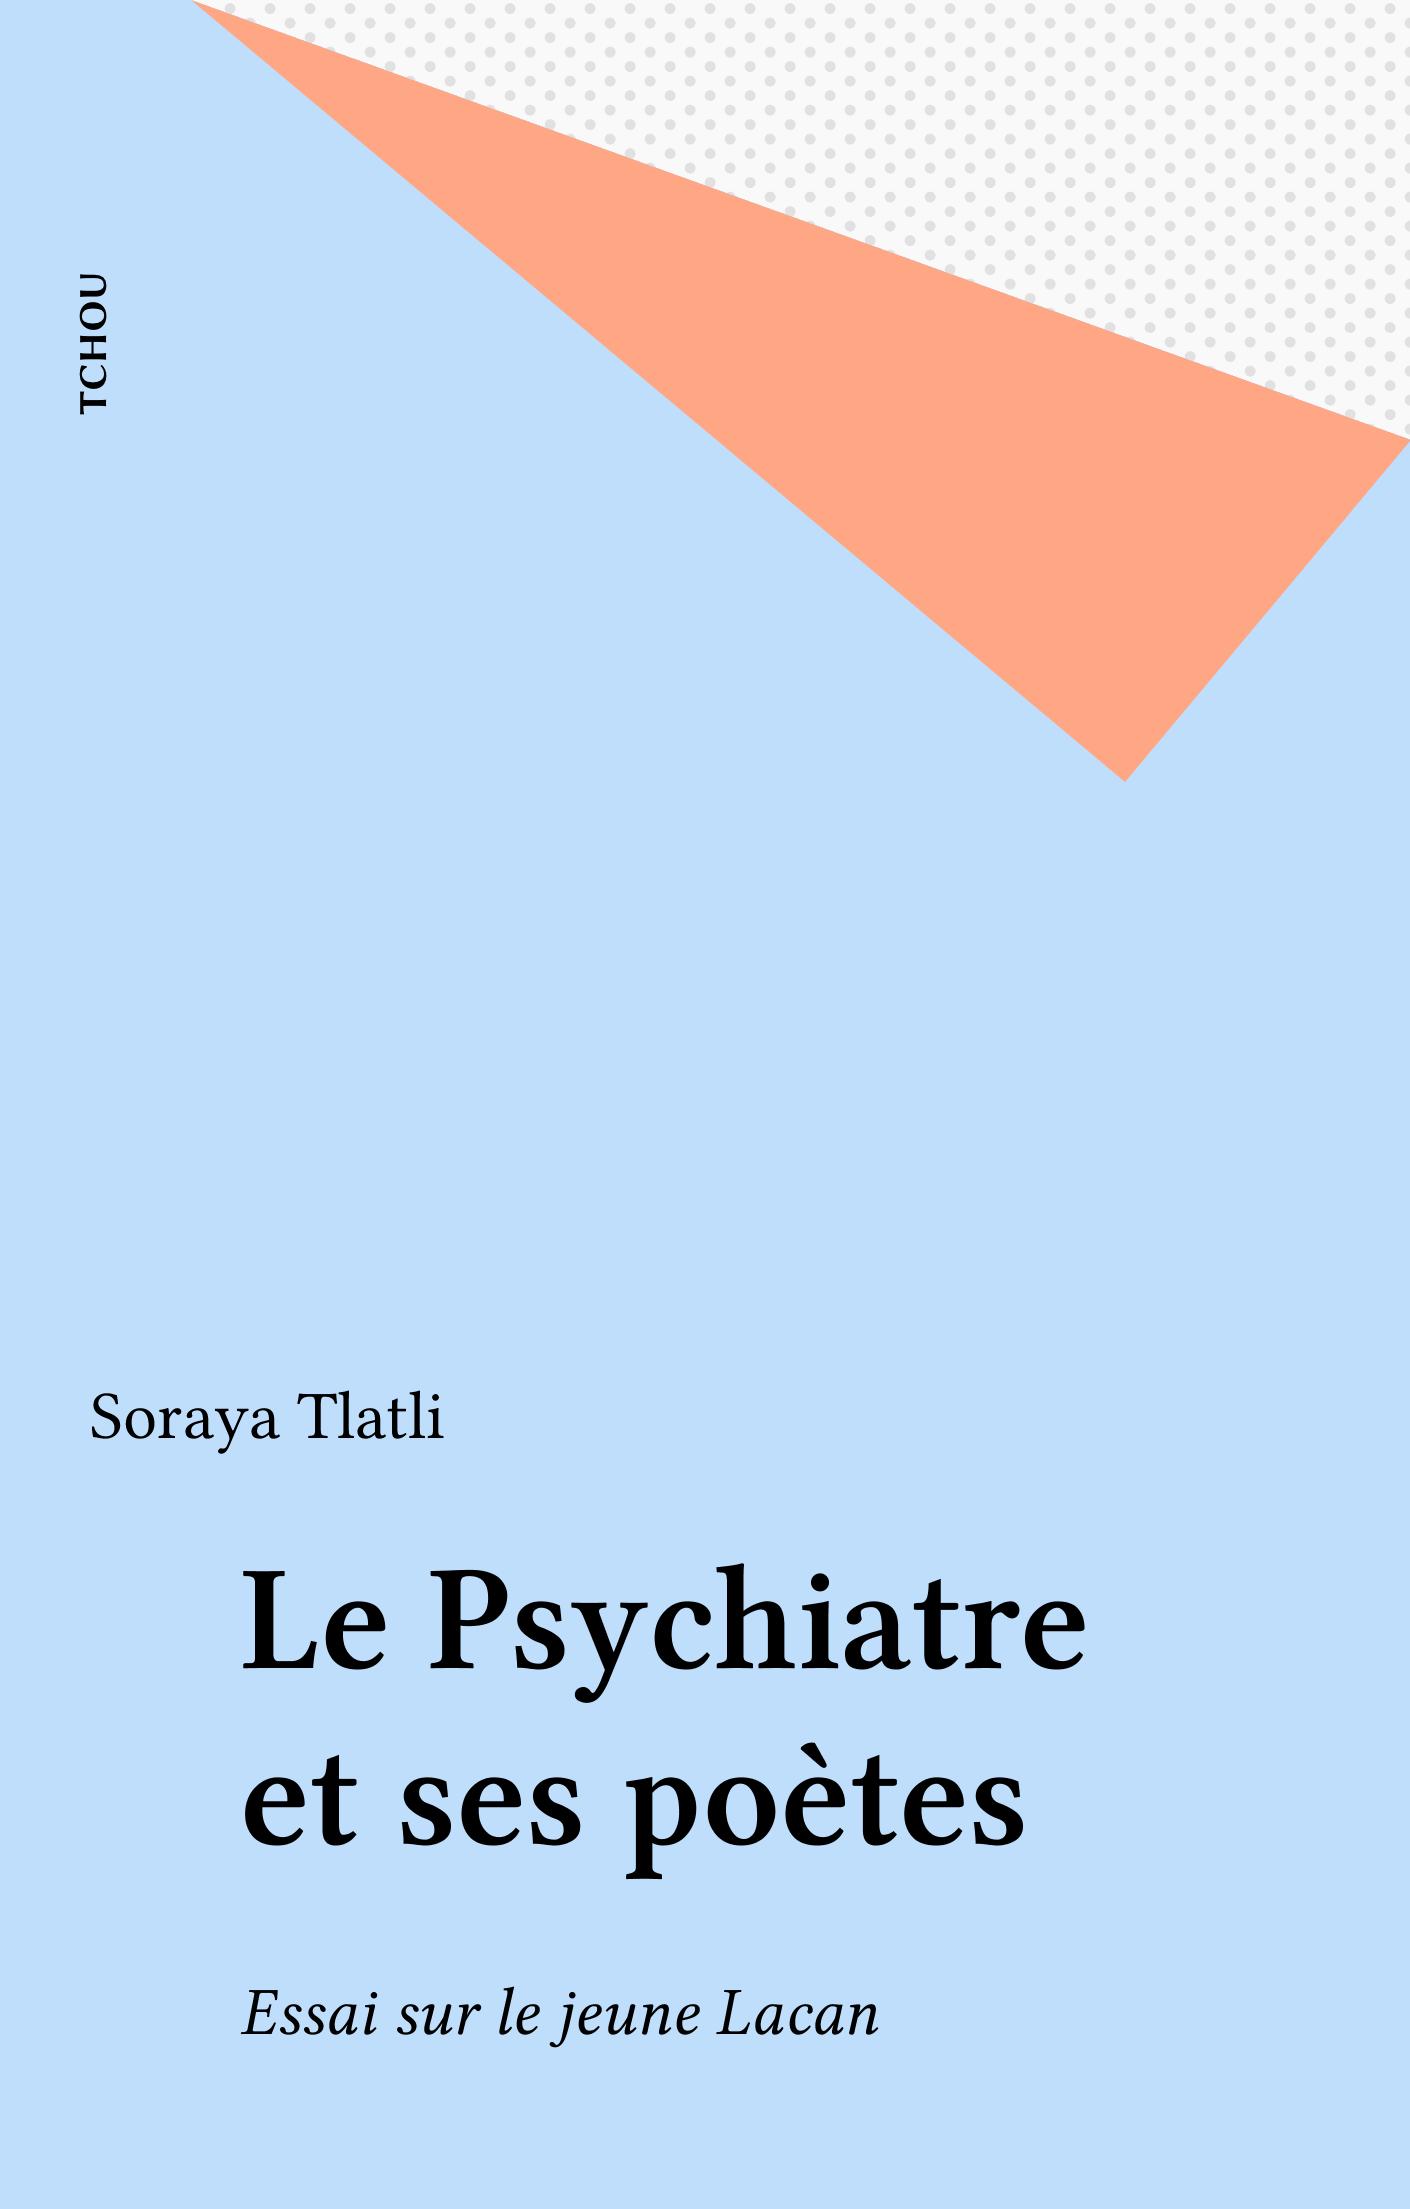 Le Psychiatre et ses poètes, Essai sur le jeune Lacan